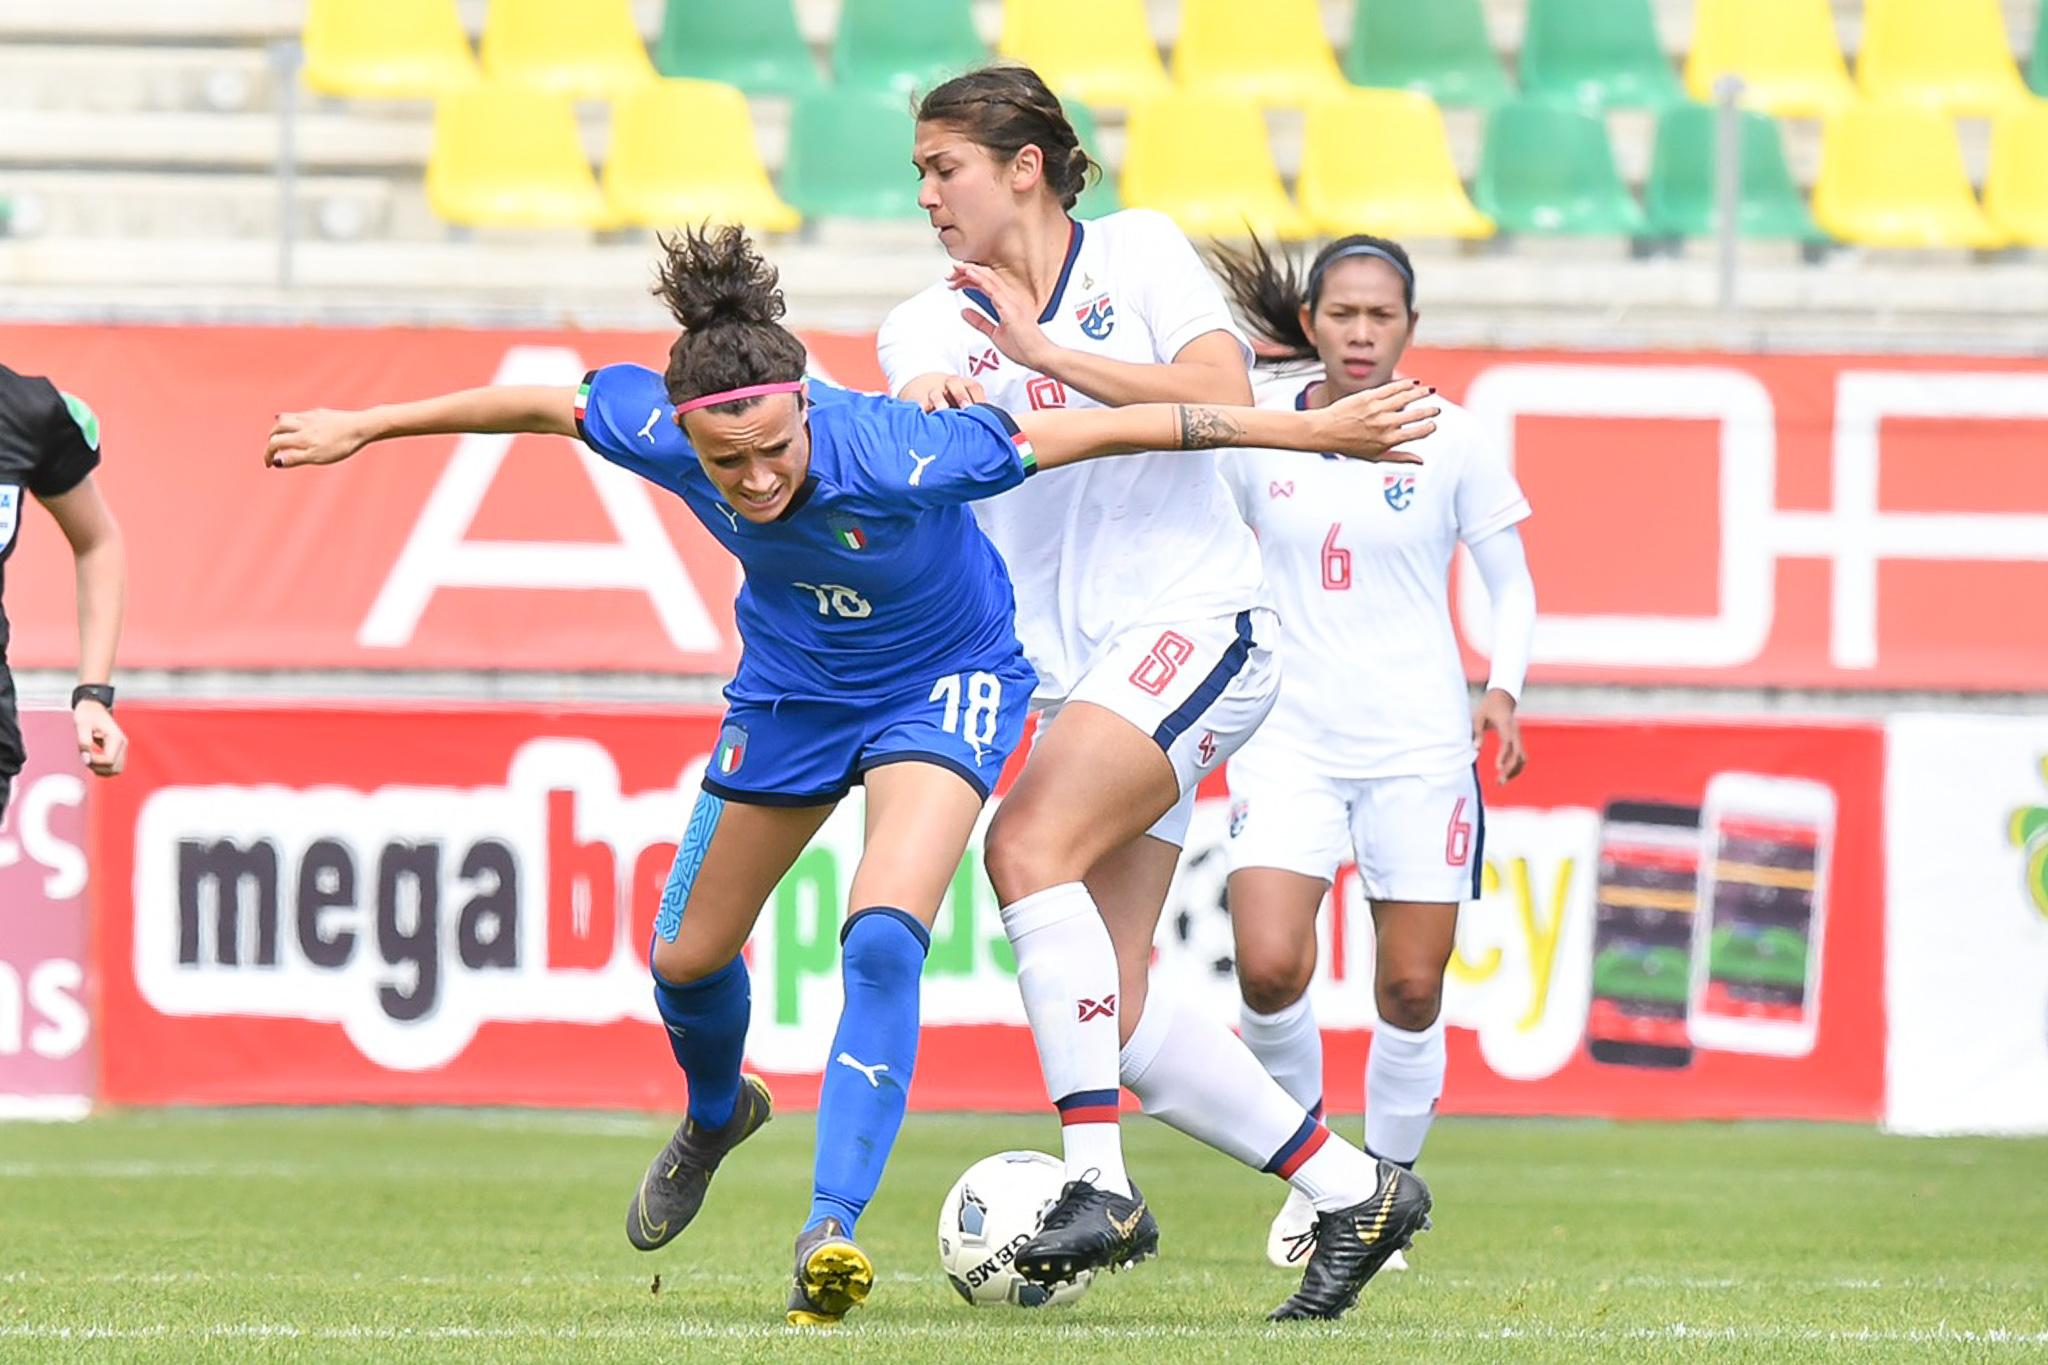 ฟุตบอลหญิงทีมชาติอิตาลี ฟุตบอลหญิงทีมชาติไทย ไซปรัส คัพ 2019